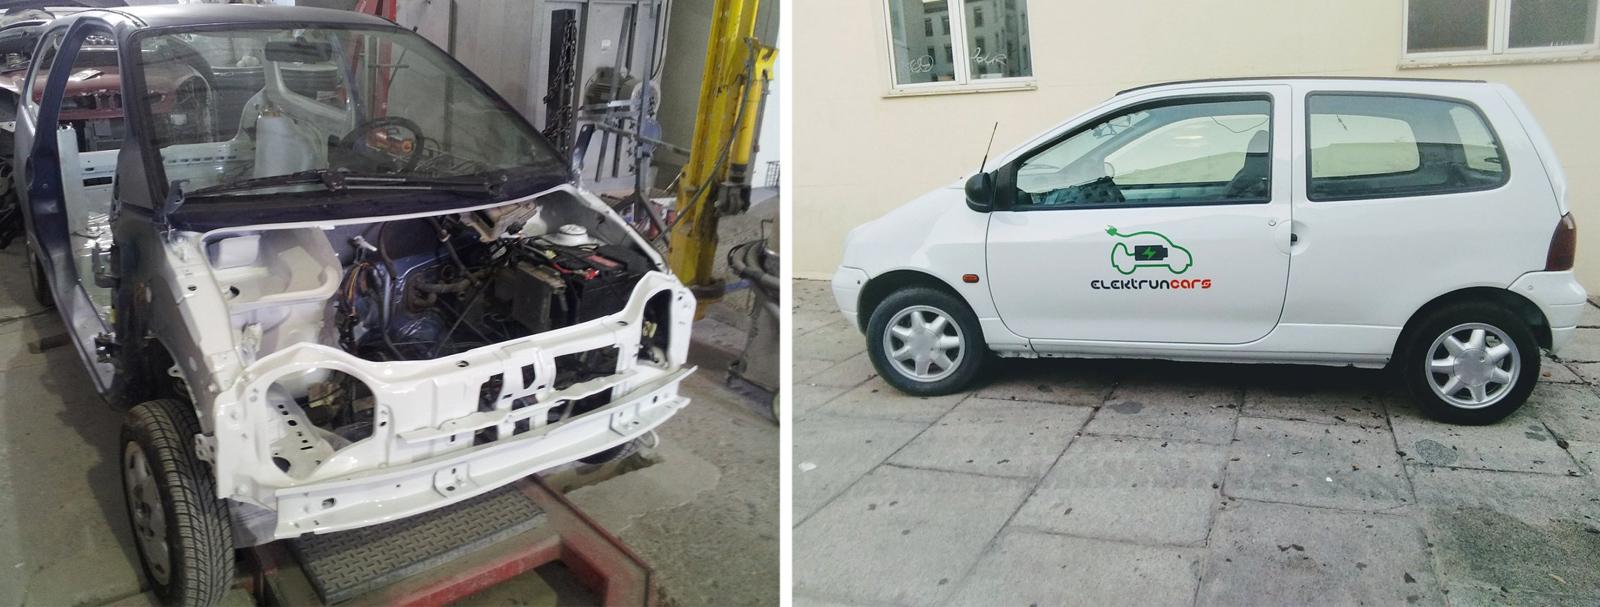 Tu coche de combustión puede convertirse en eléctrico